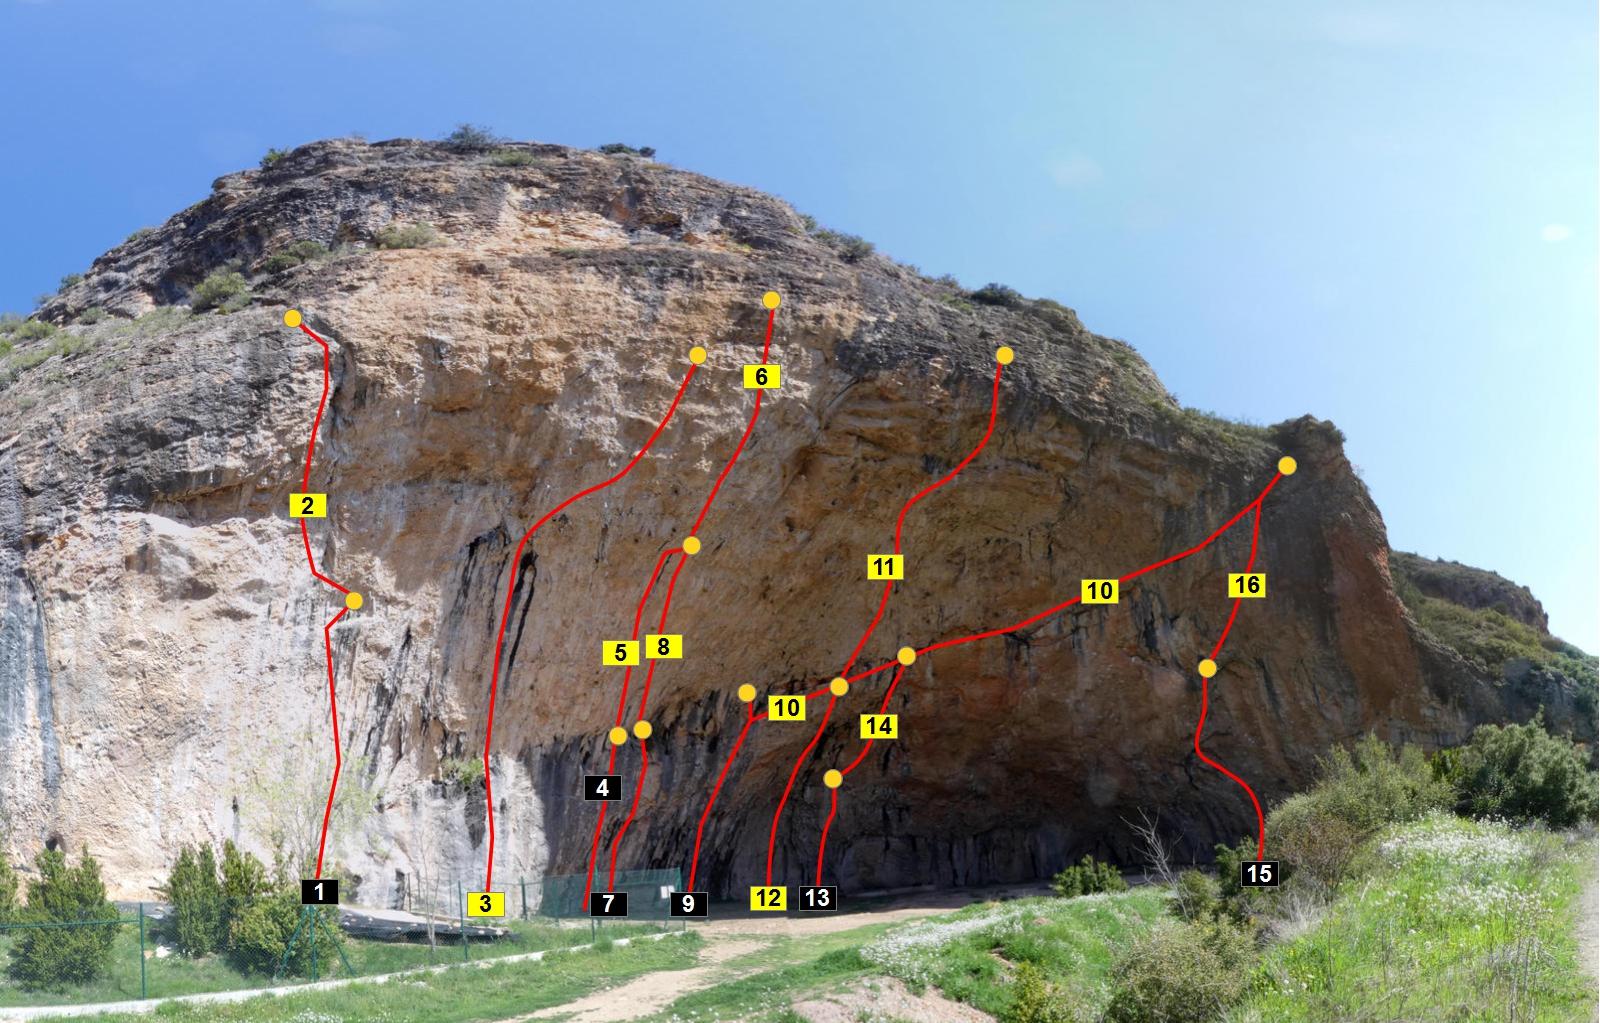 Topos d'algunes de les vies d'escalada de la Cova Gran de Santa Linya. La Noguera, Lleida. Catalunya, Aspres del Montsec. Foto de https://climbapedia.org/